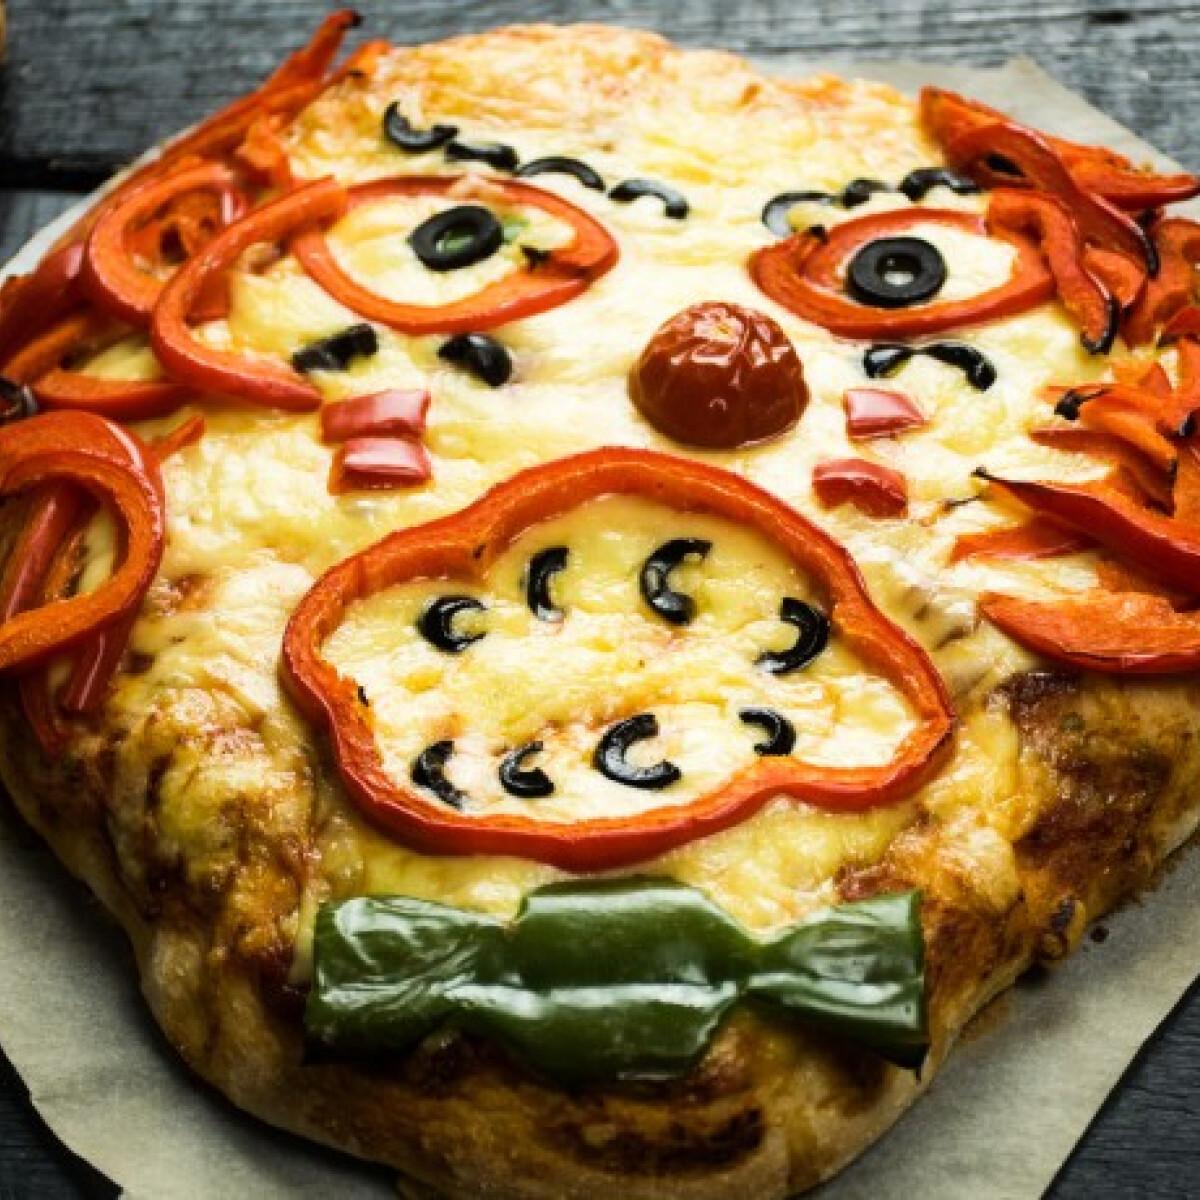 Halloweeni pizza